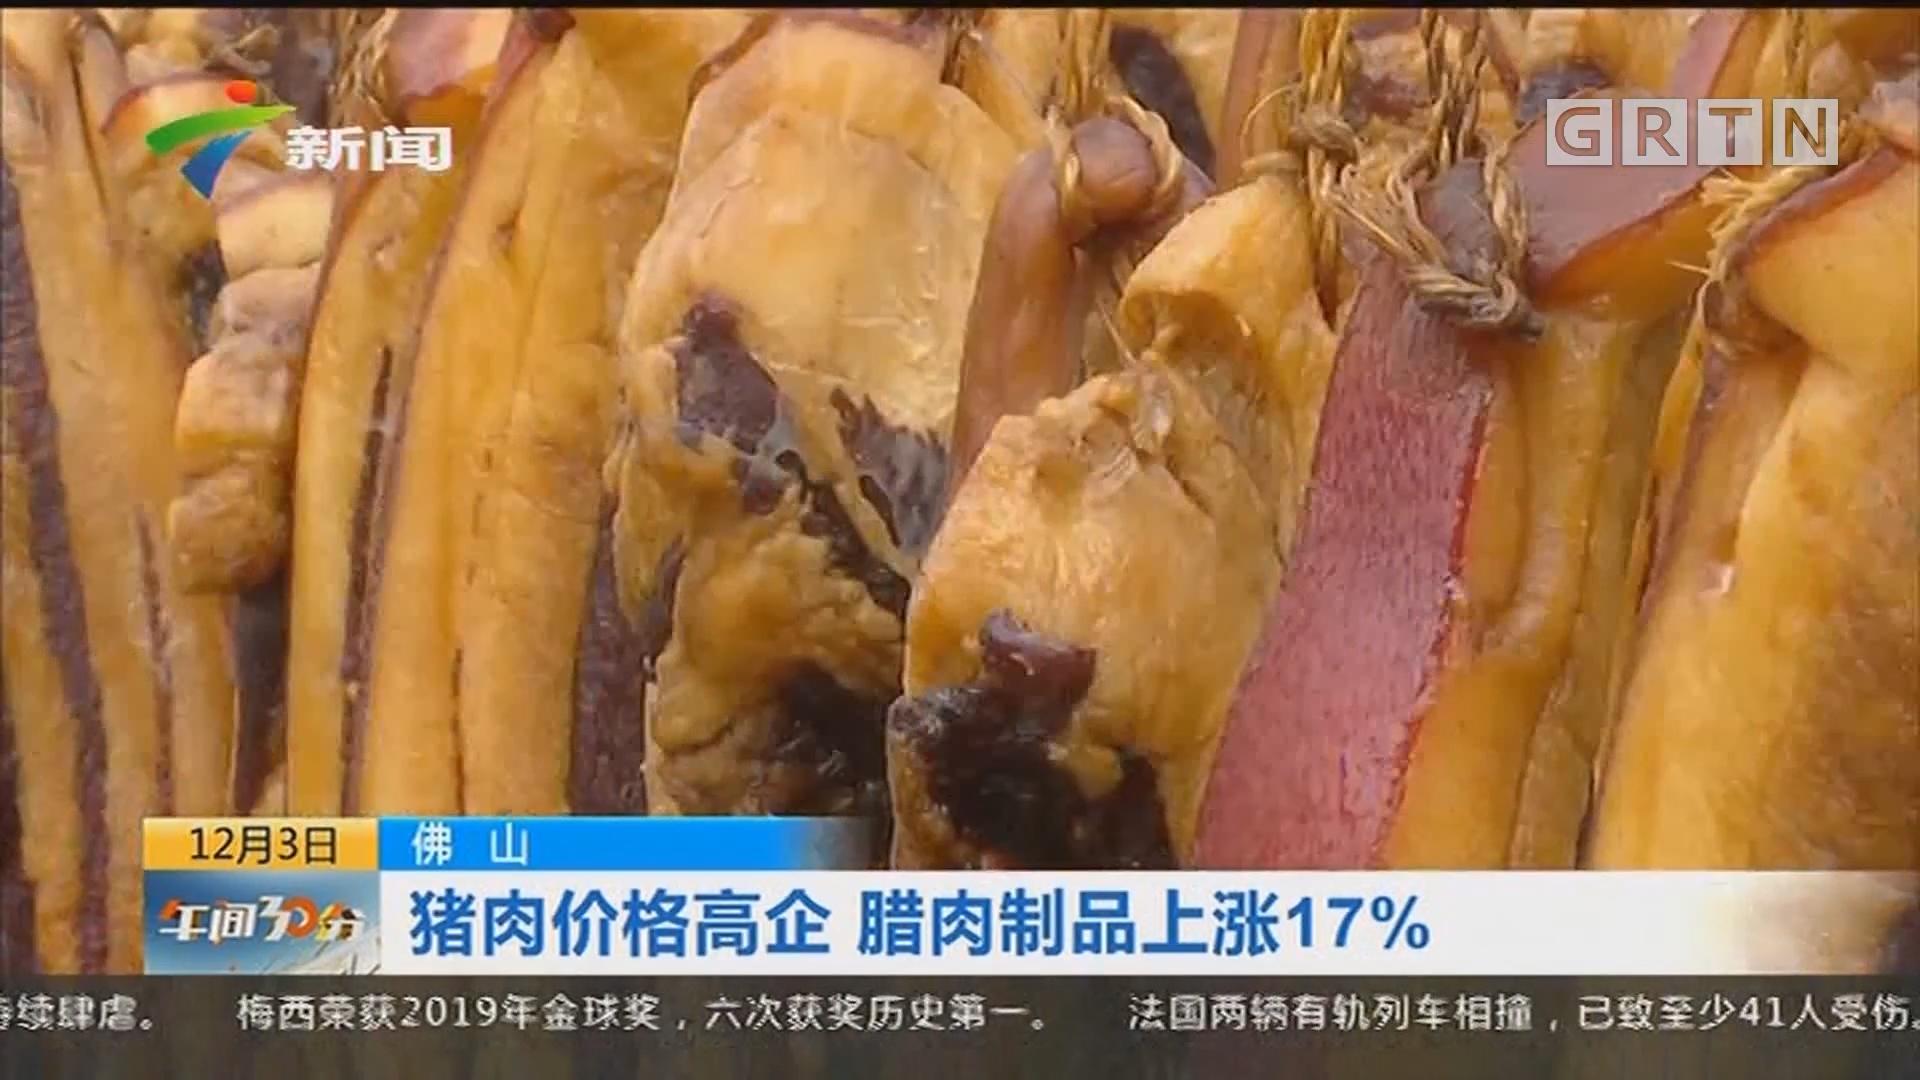 佛山:猪肉价格高企 腊肉制品上涨17%